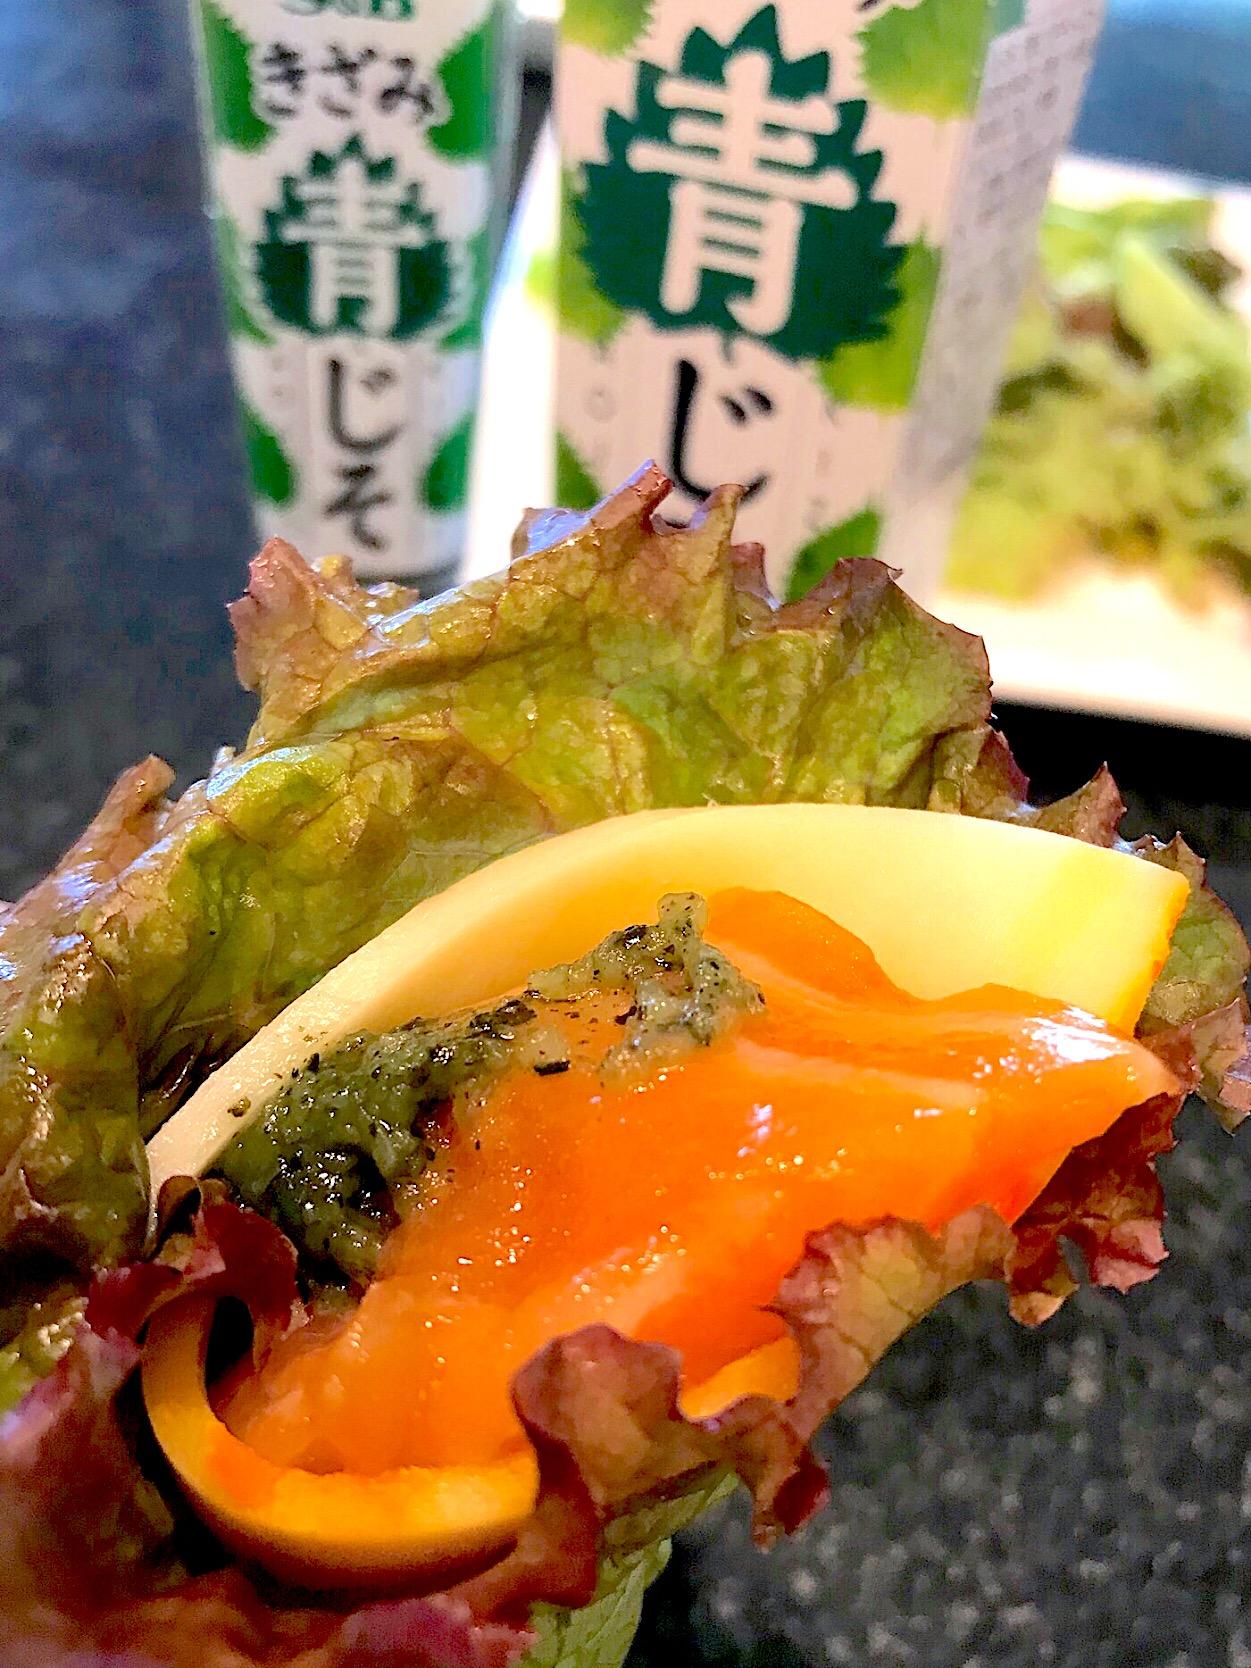 サーモンチーズのグリンリーフ巻き 洋野菜に青じそペーストで食す。